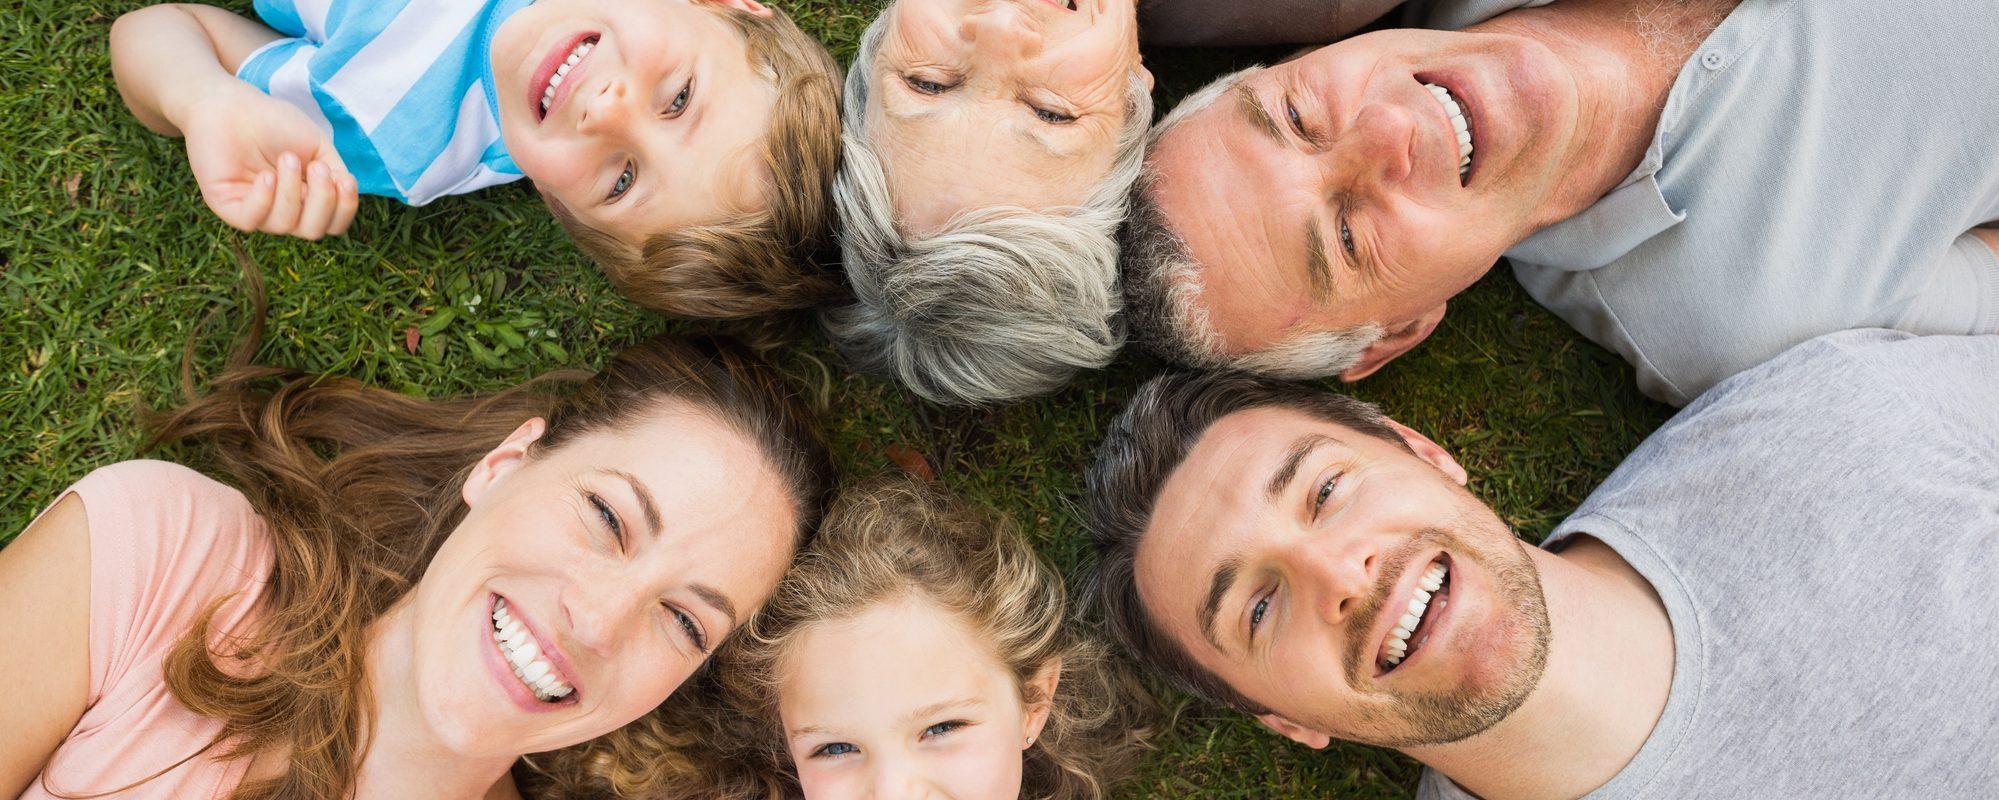 ayudar a persona con Alzheimer